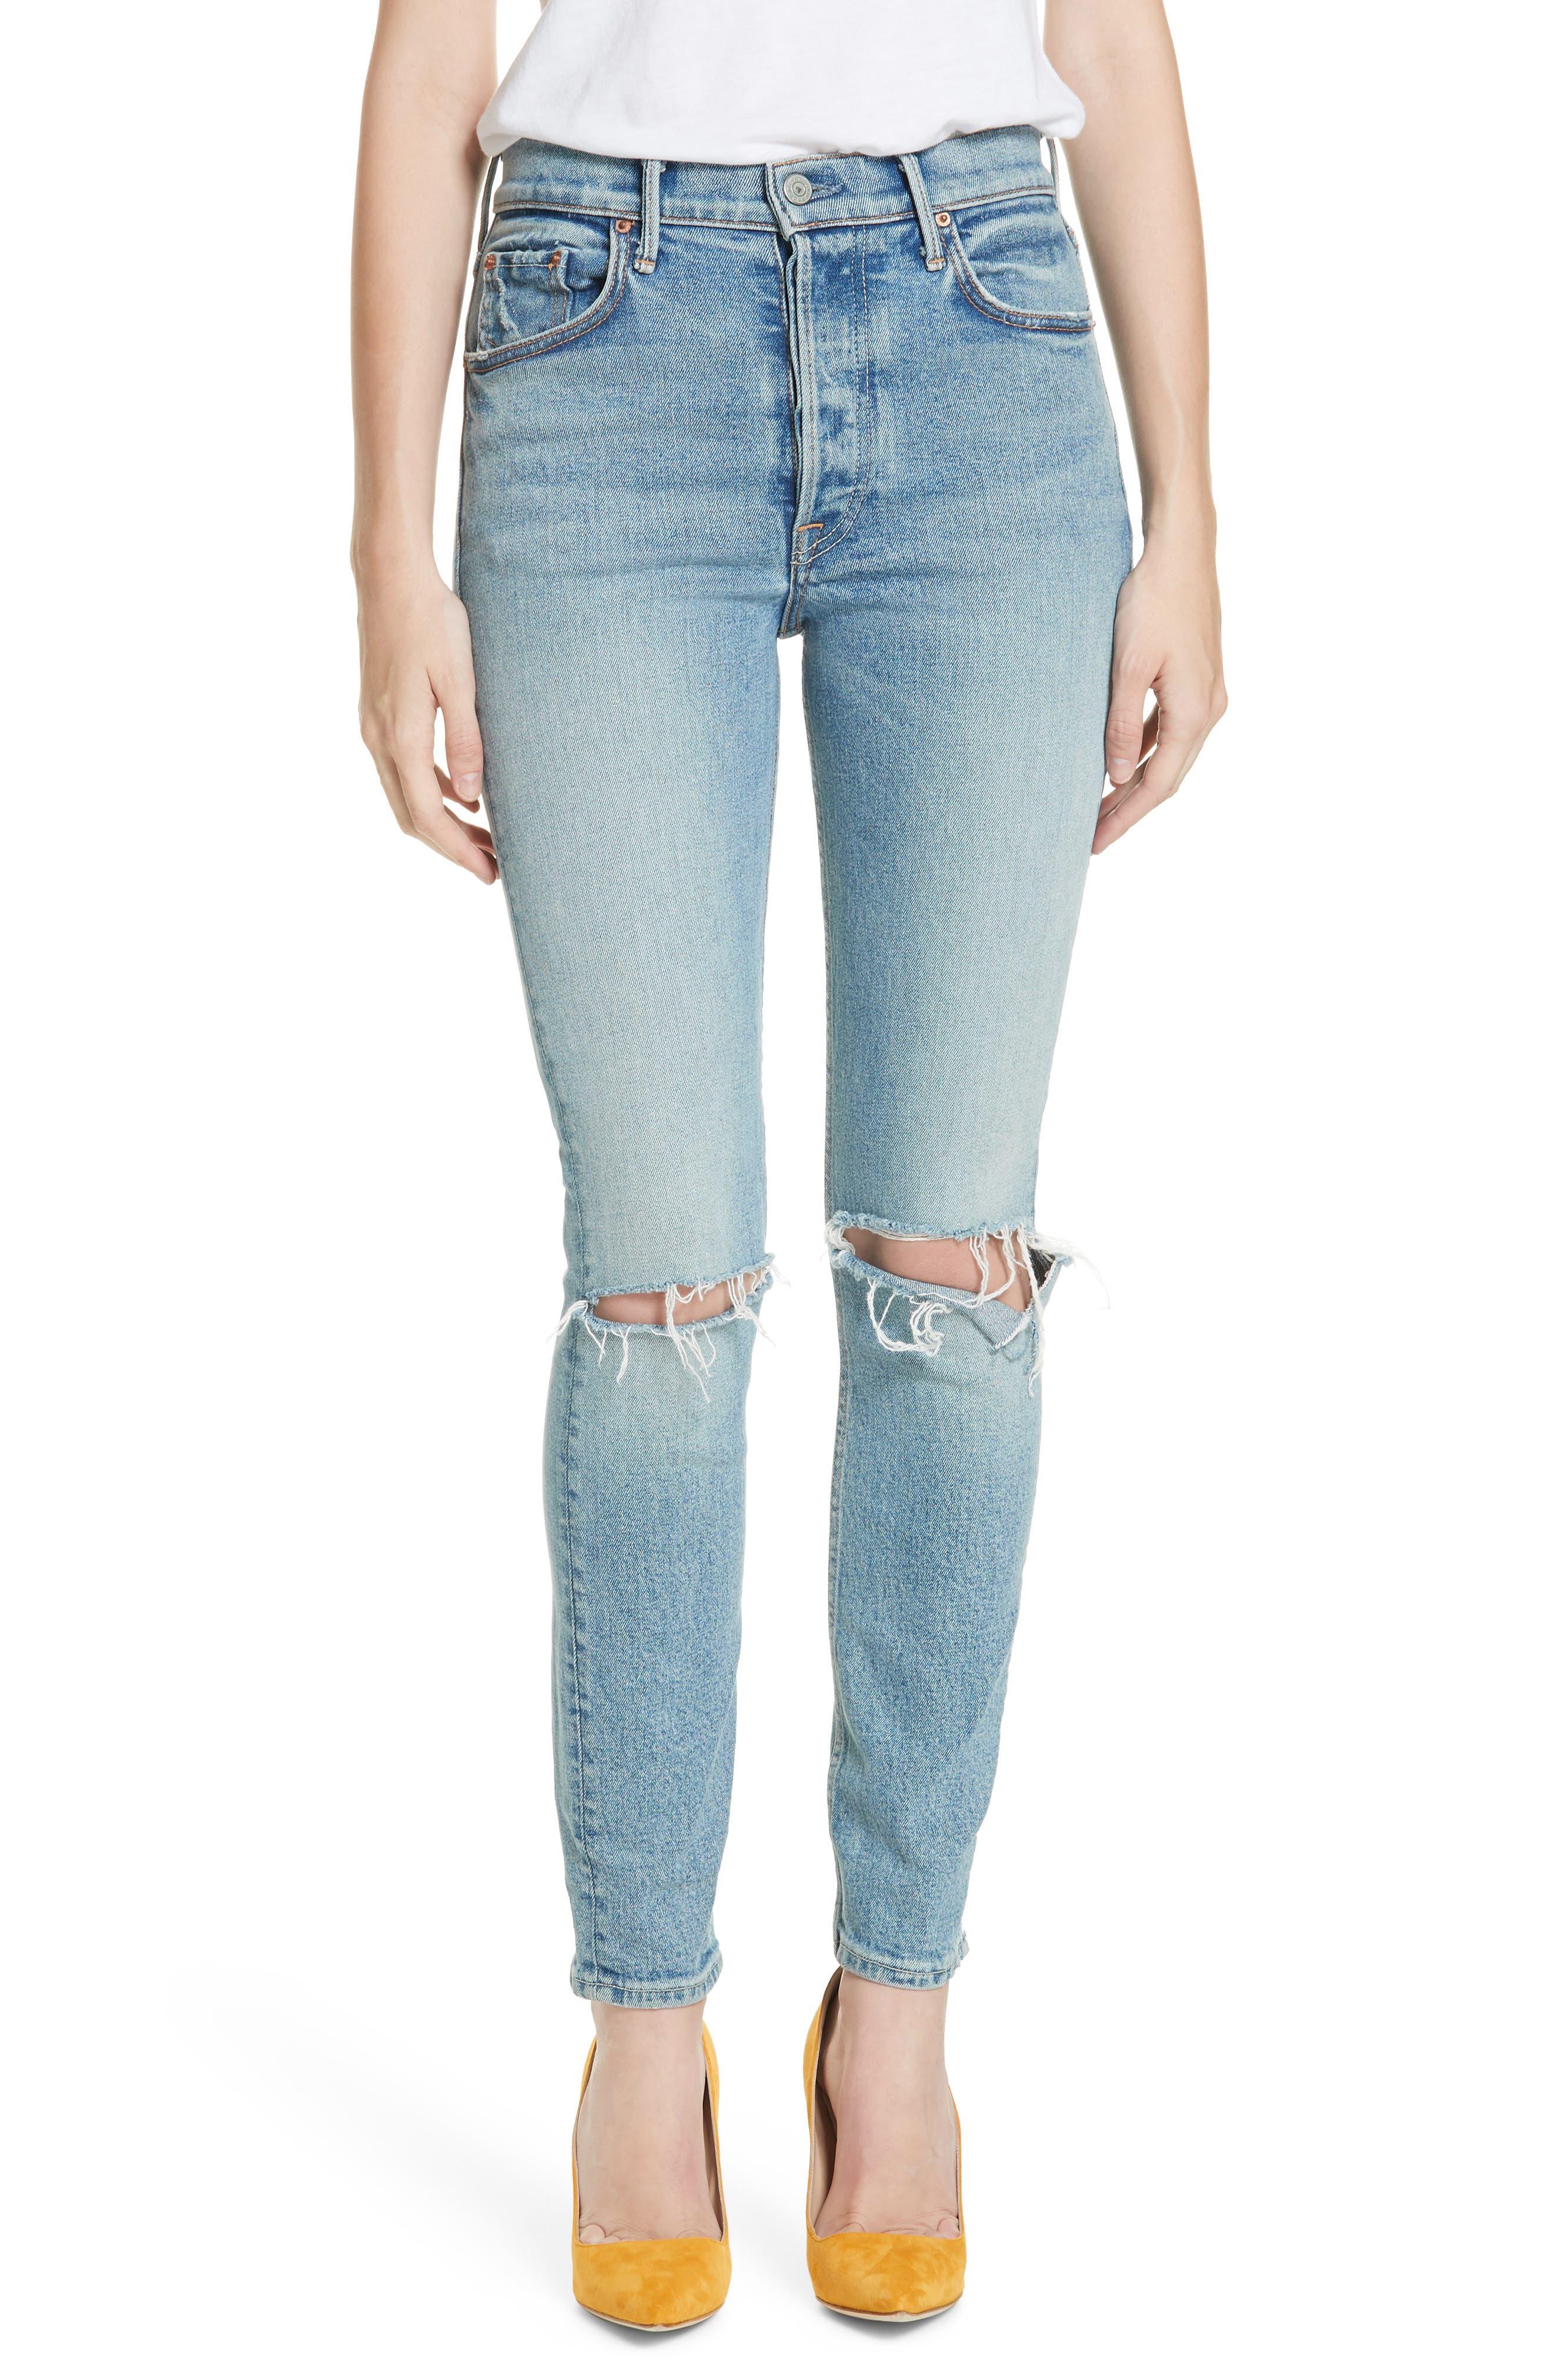 Women's Grlfrnd Karolina High Waist Jeans